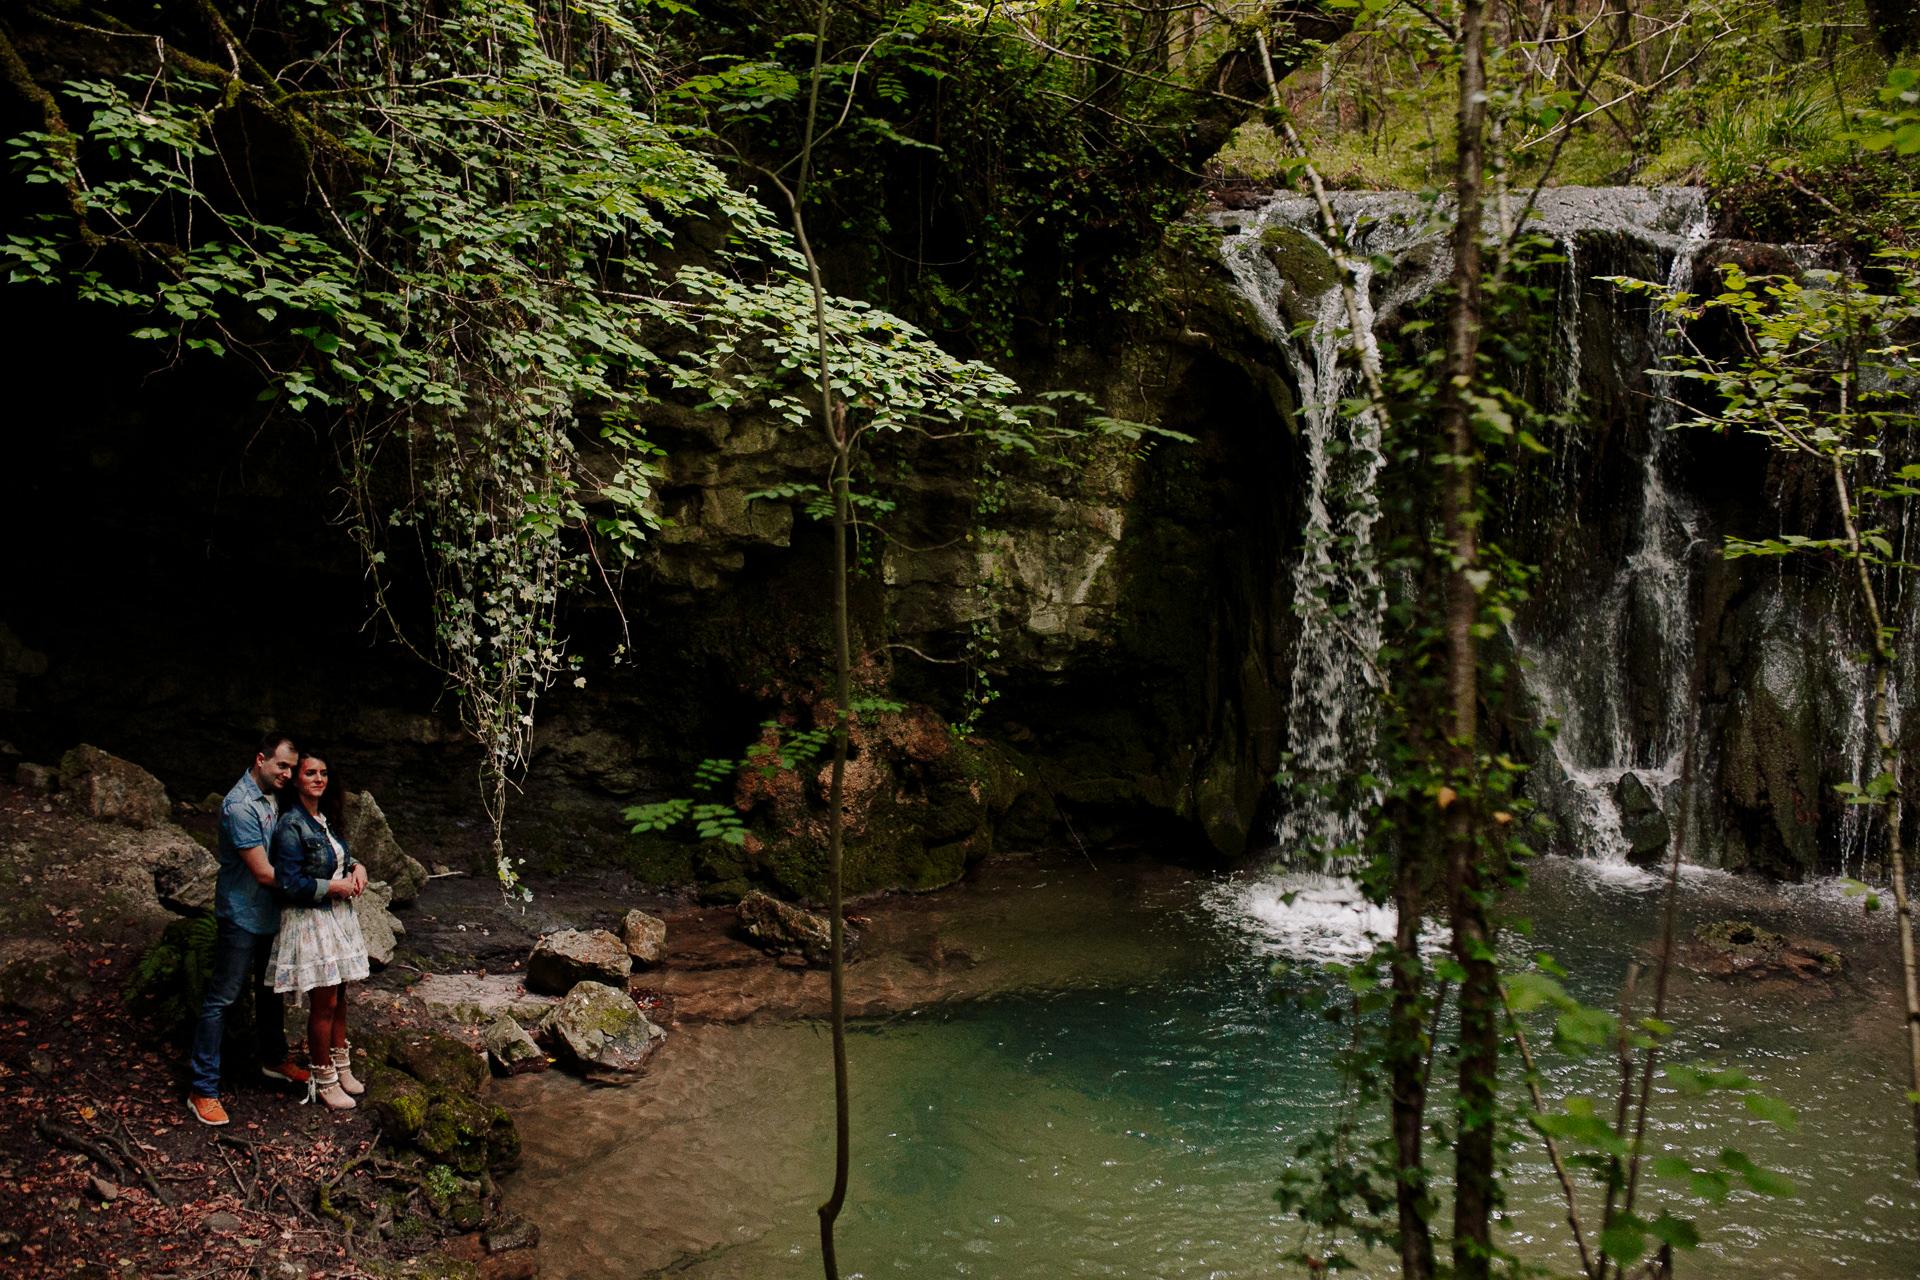 preboda cascada bosque alava 191447